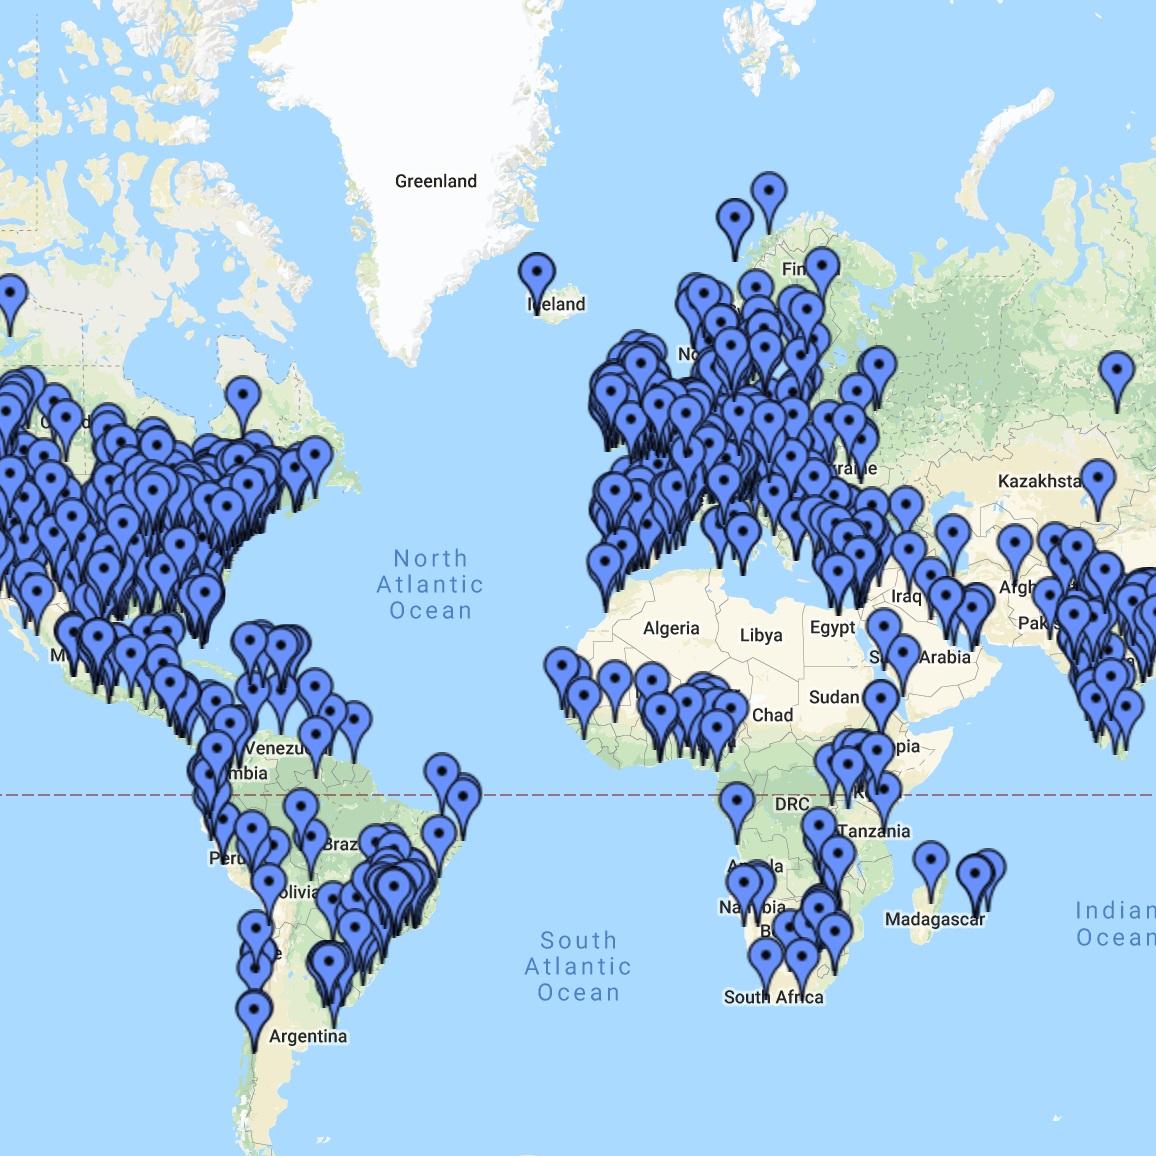 Globale Gemeinschaft - Wir sind eine weltweite Gemeinschaft von Menschen aus den verschiedensten Gesellschaftsschichten und aus beinahe allen Kontinenten der Erde.Alle TeilnehmerInnen des Kurses können sich in einer eigenen geschützten Forumseite und einer privaten Facebook-Seite miteinander austauschen und somit rund um die Uhr miteinander in Kontakt sein. So kann der Lernprozess vertieft werden, man erhält Unterstützung und Inspiration, und es macht auch noch Spaß.Von wo wir sind